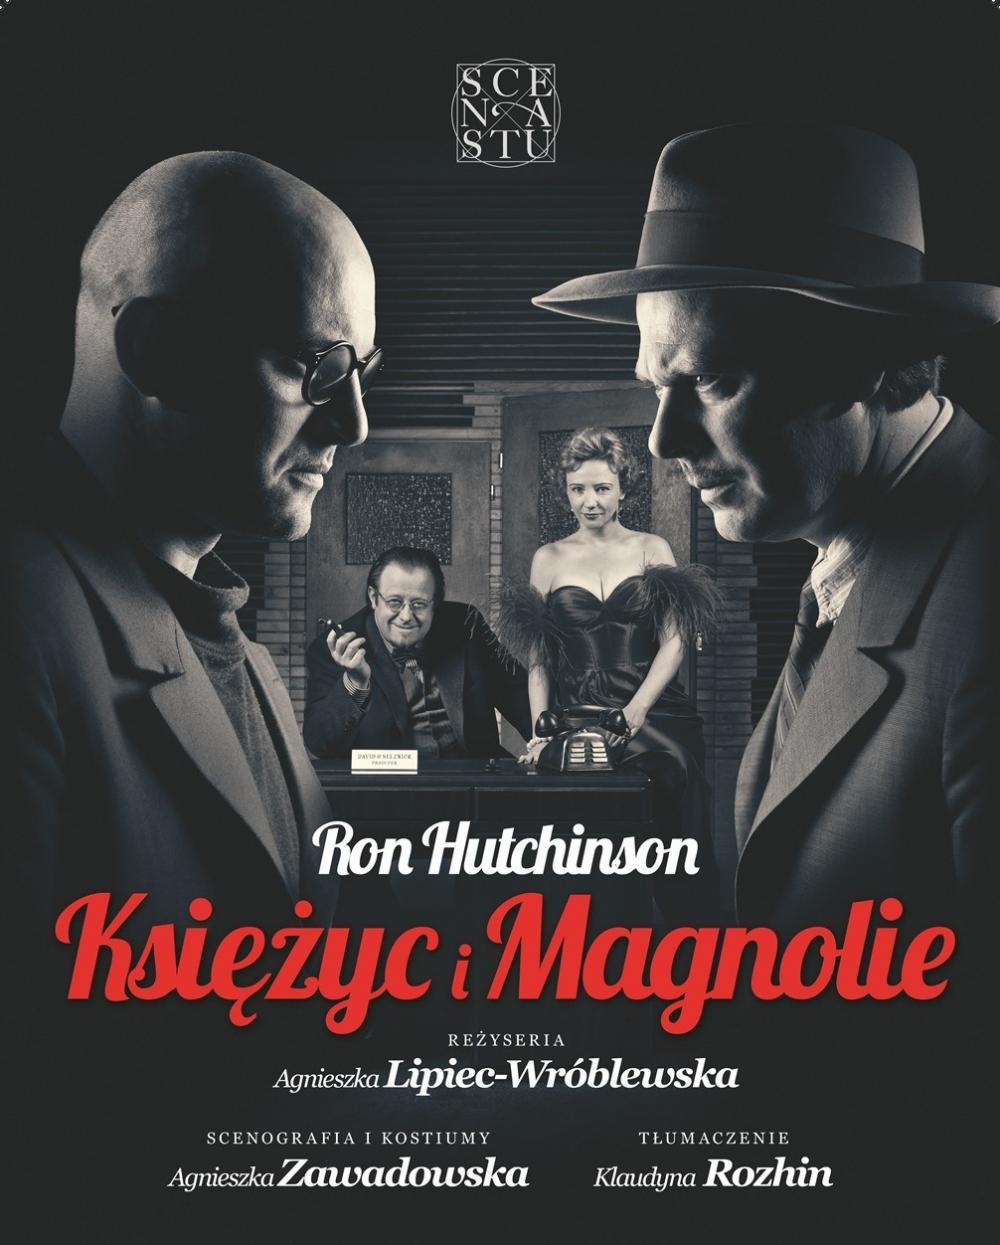 Ksiezyc i Magnolie 12.10.2015 Kopia